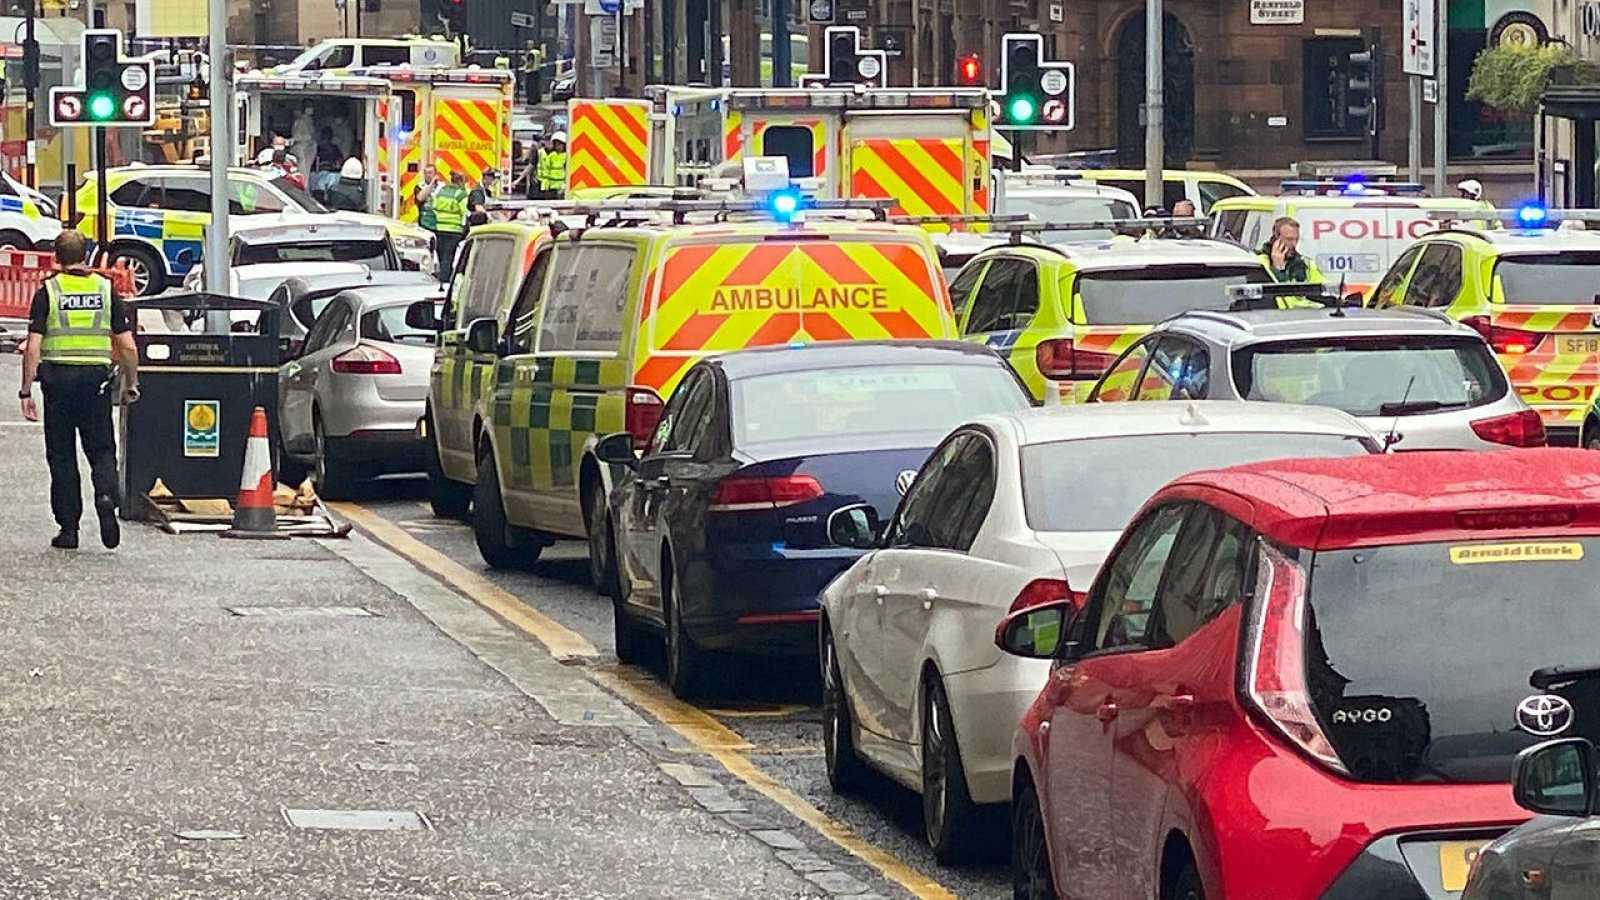 La Policía escocesa desplazada al lugar del apuñalamiento.